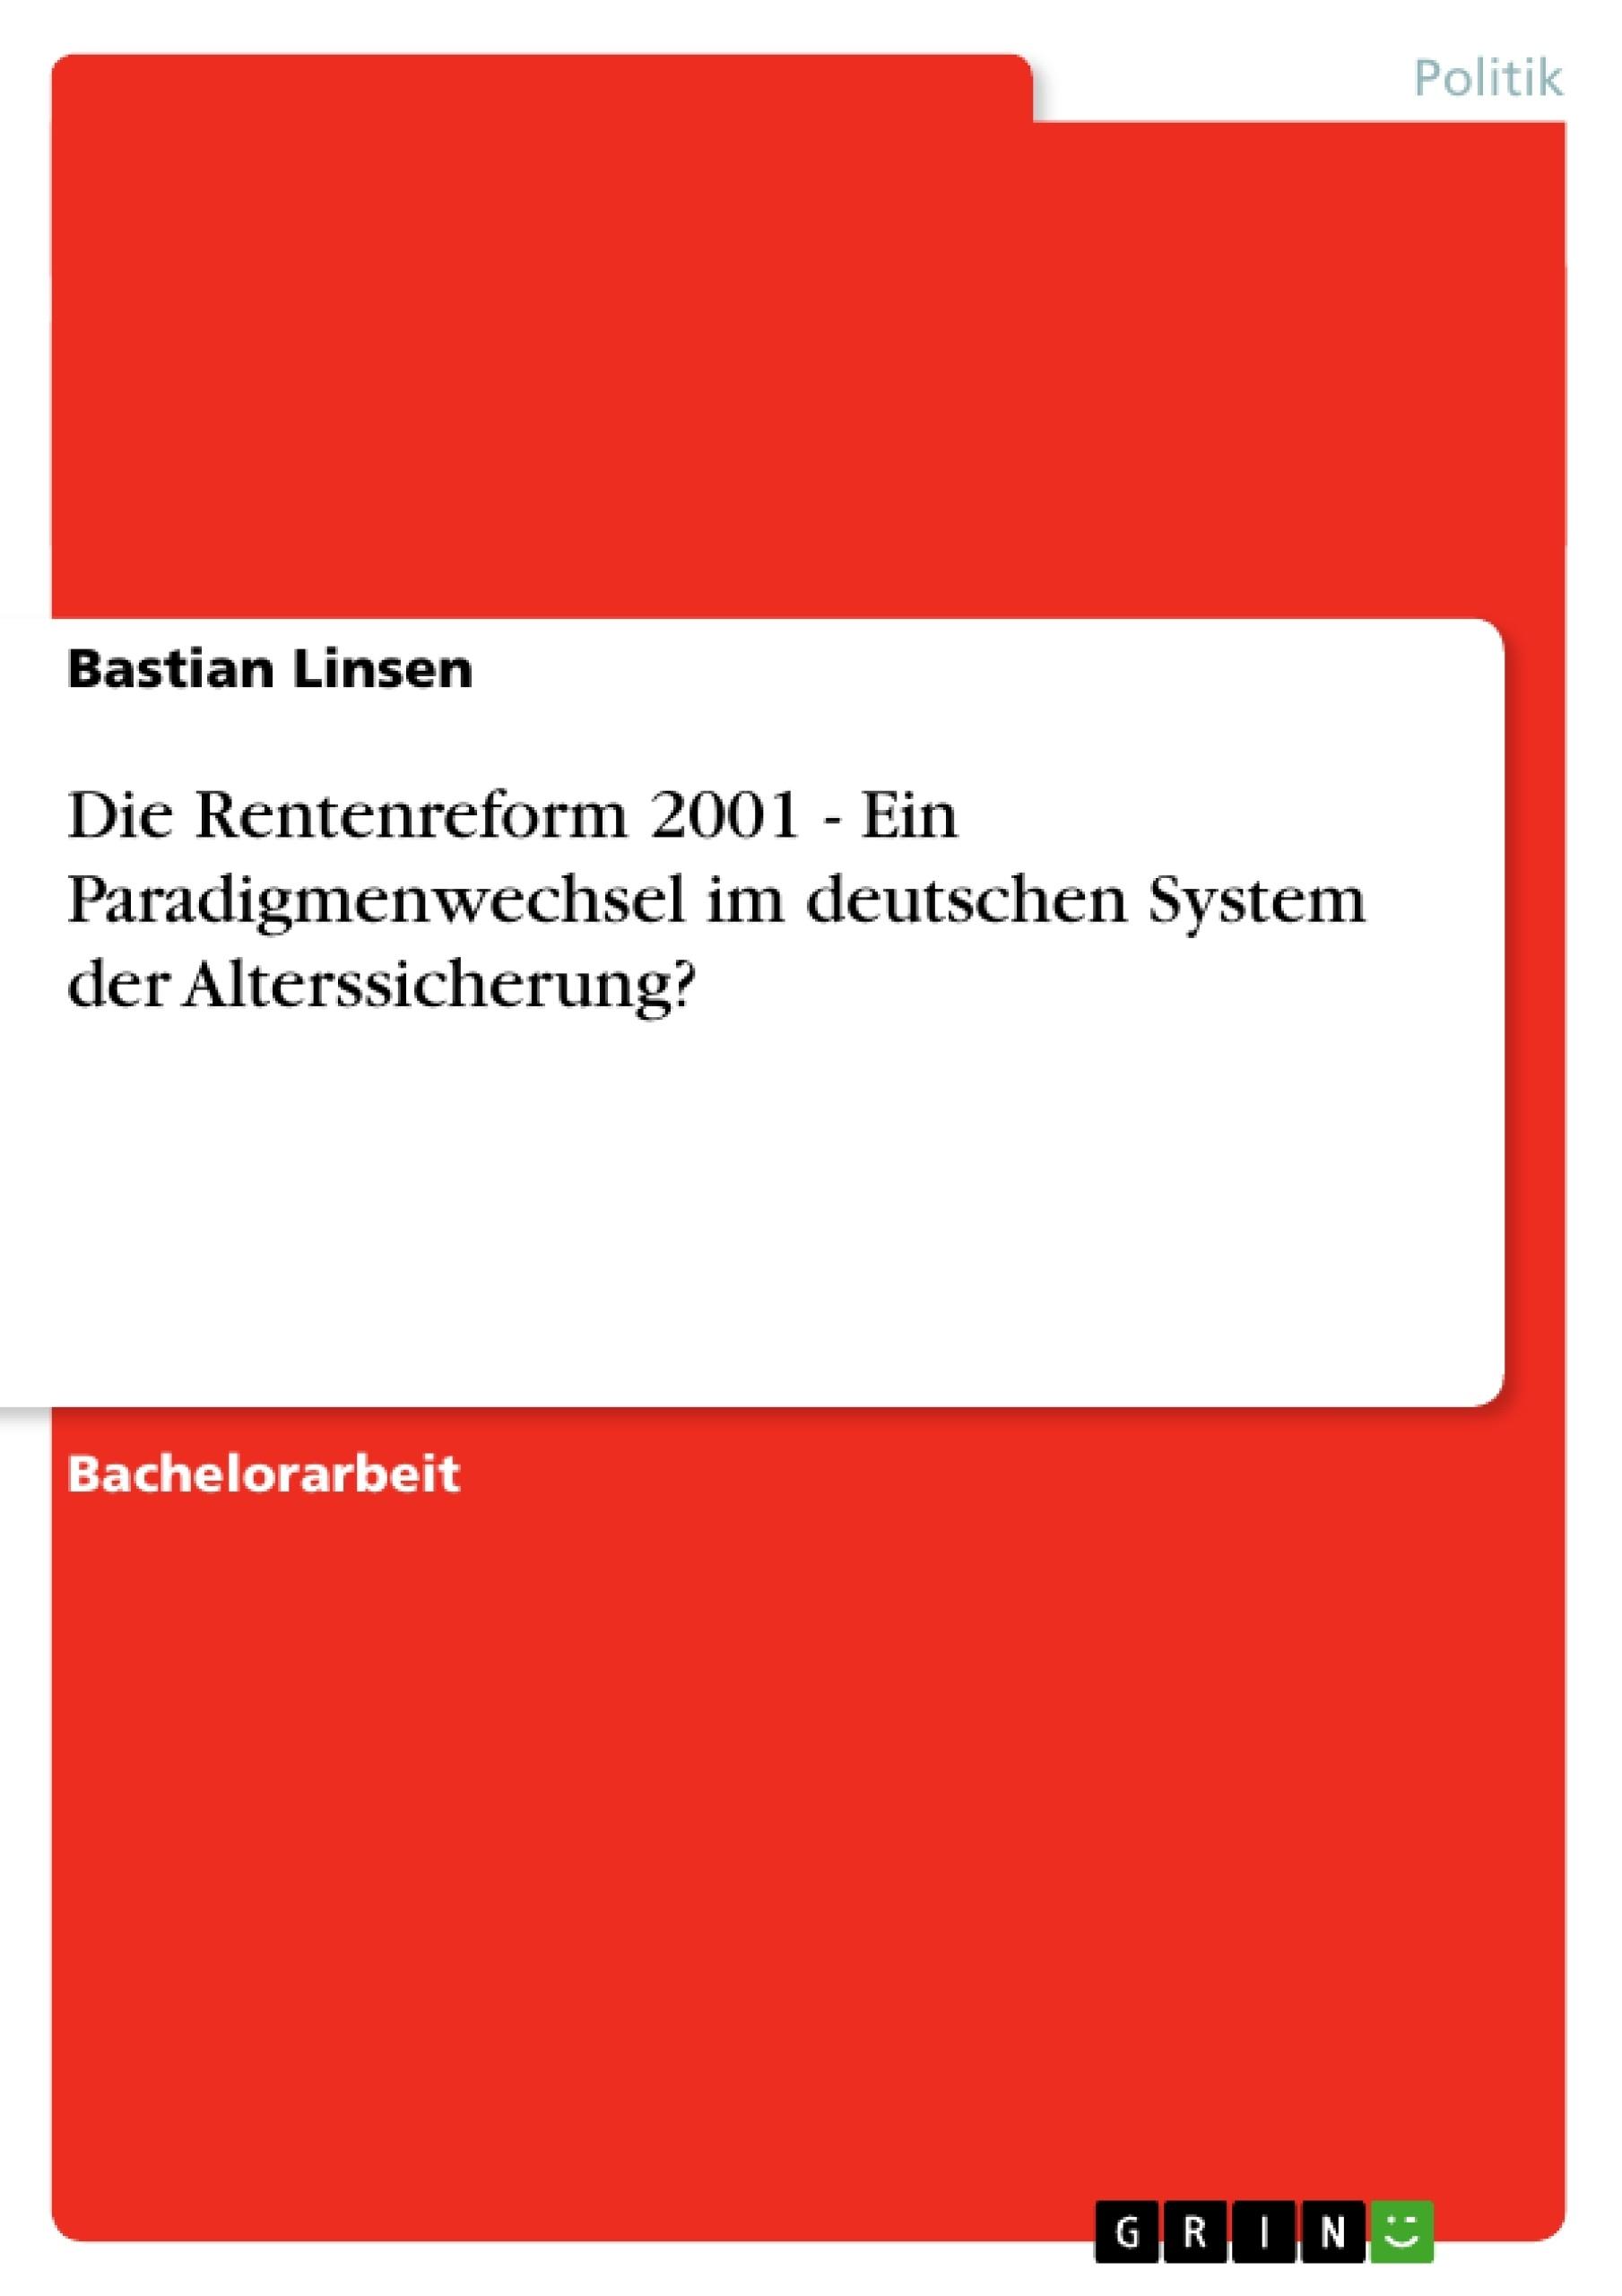 Titel: Die Rentenreform 2001 - Ein Paradigmenwechsel im deutschen System der Alterssicherung?